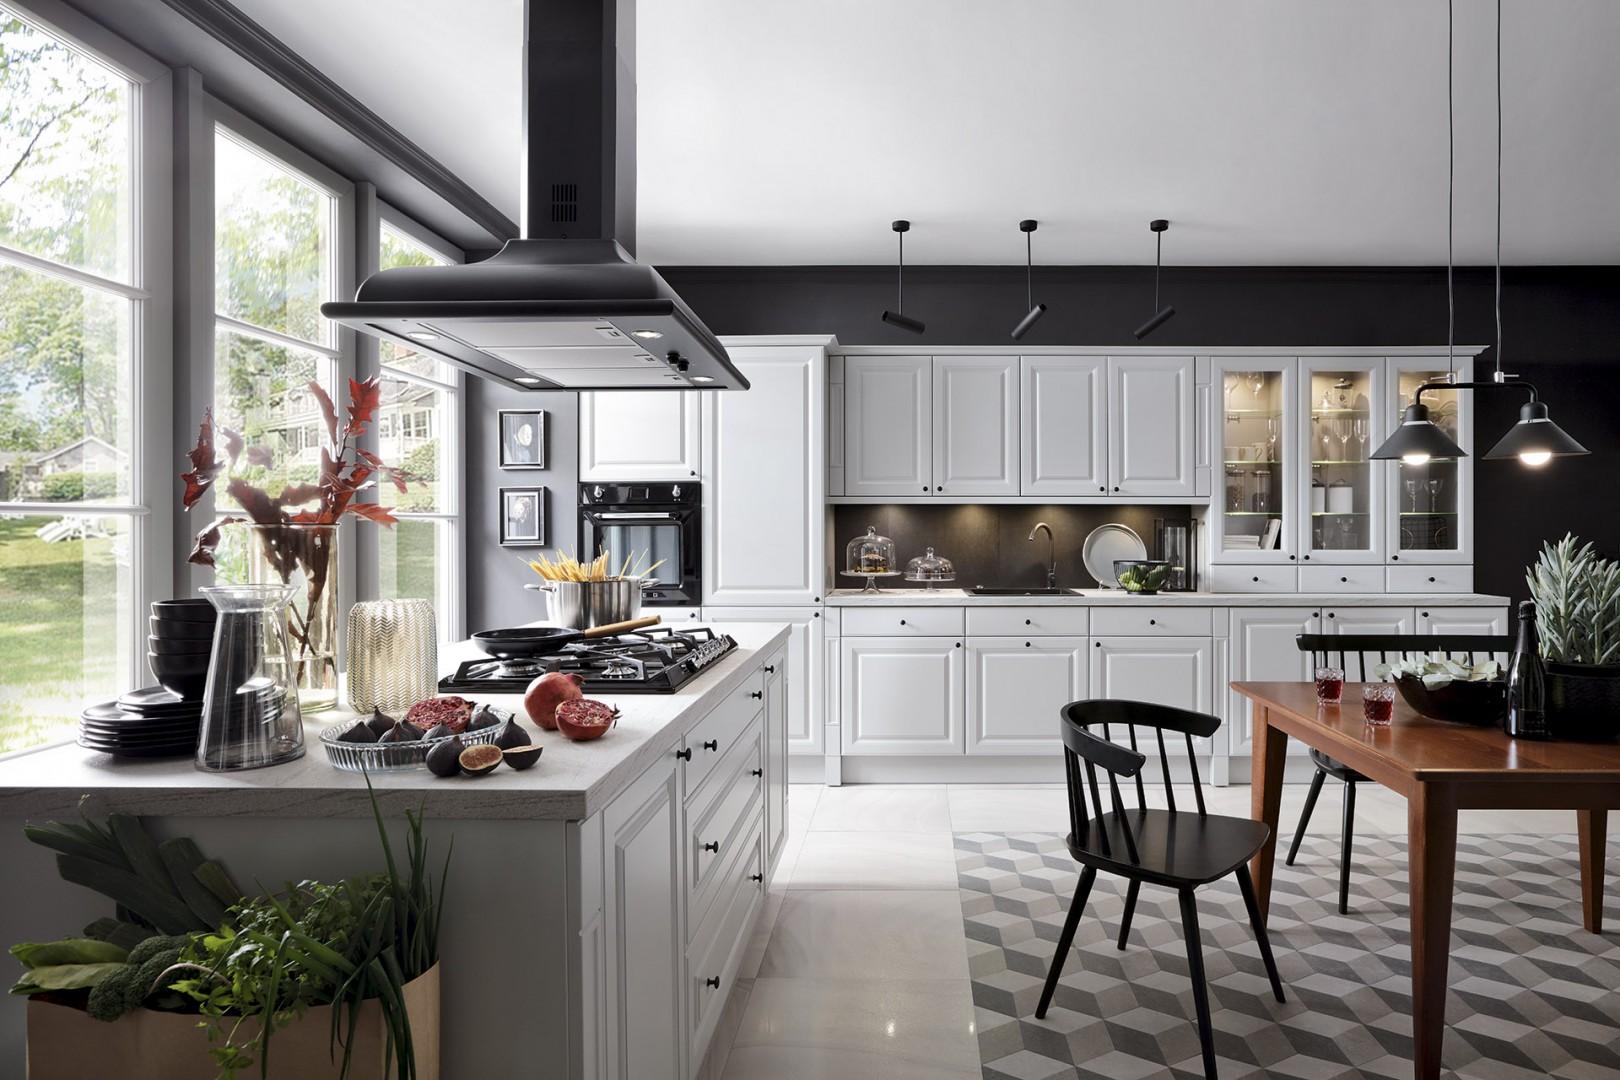 Kuchnia z serii Senso Kitchens firmy Black Red White. Fot. Black Red White